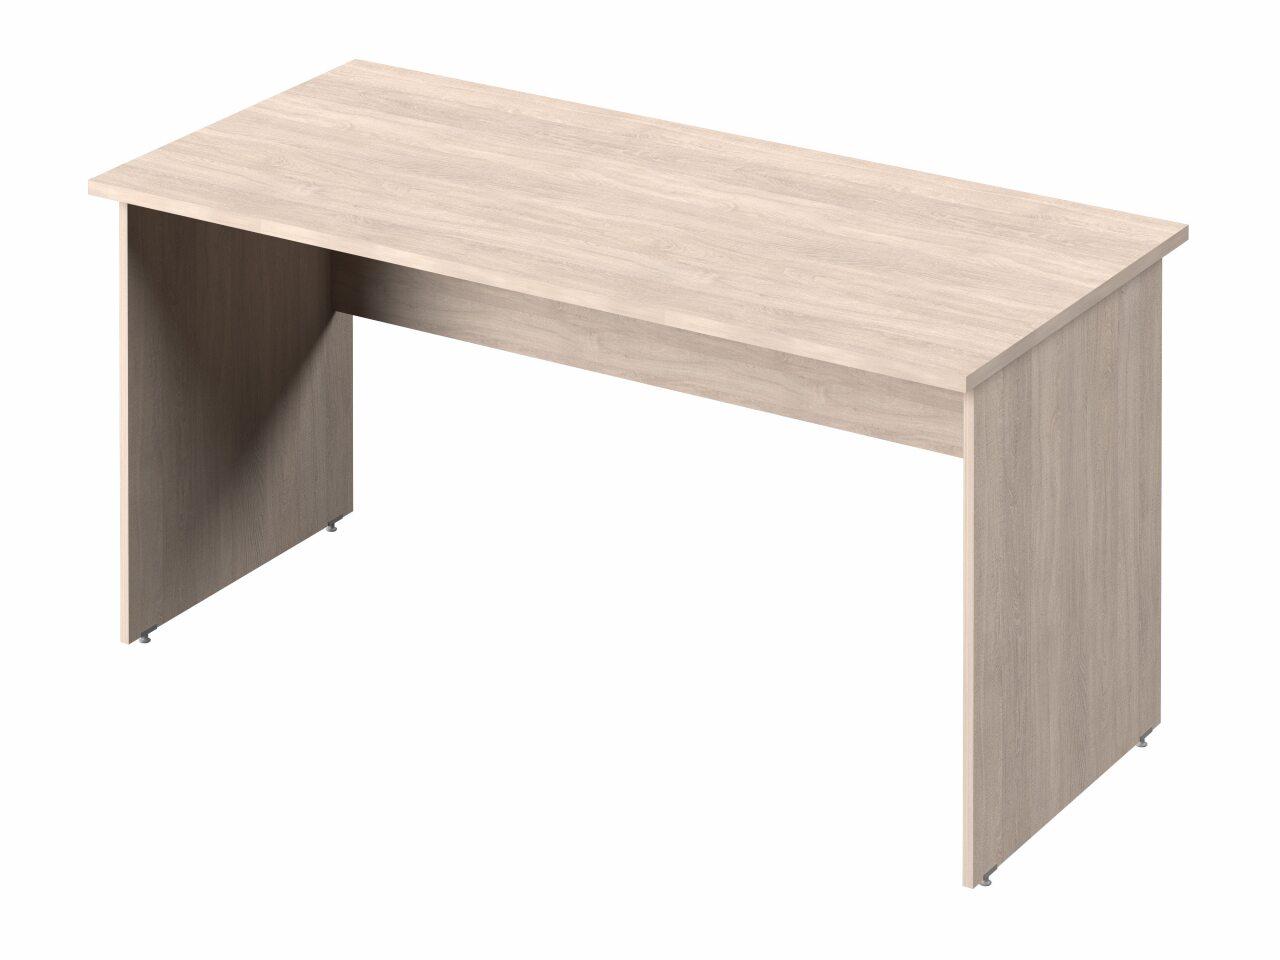 Стол прямой с опорами из ЛДСП - фото 5